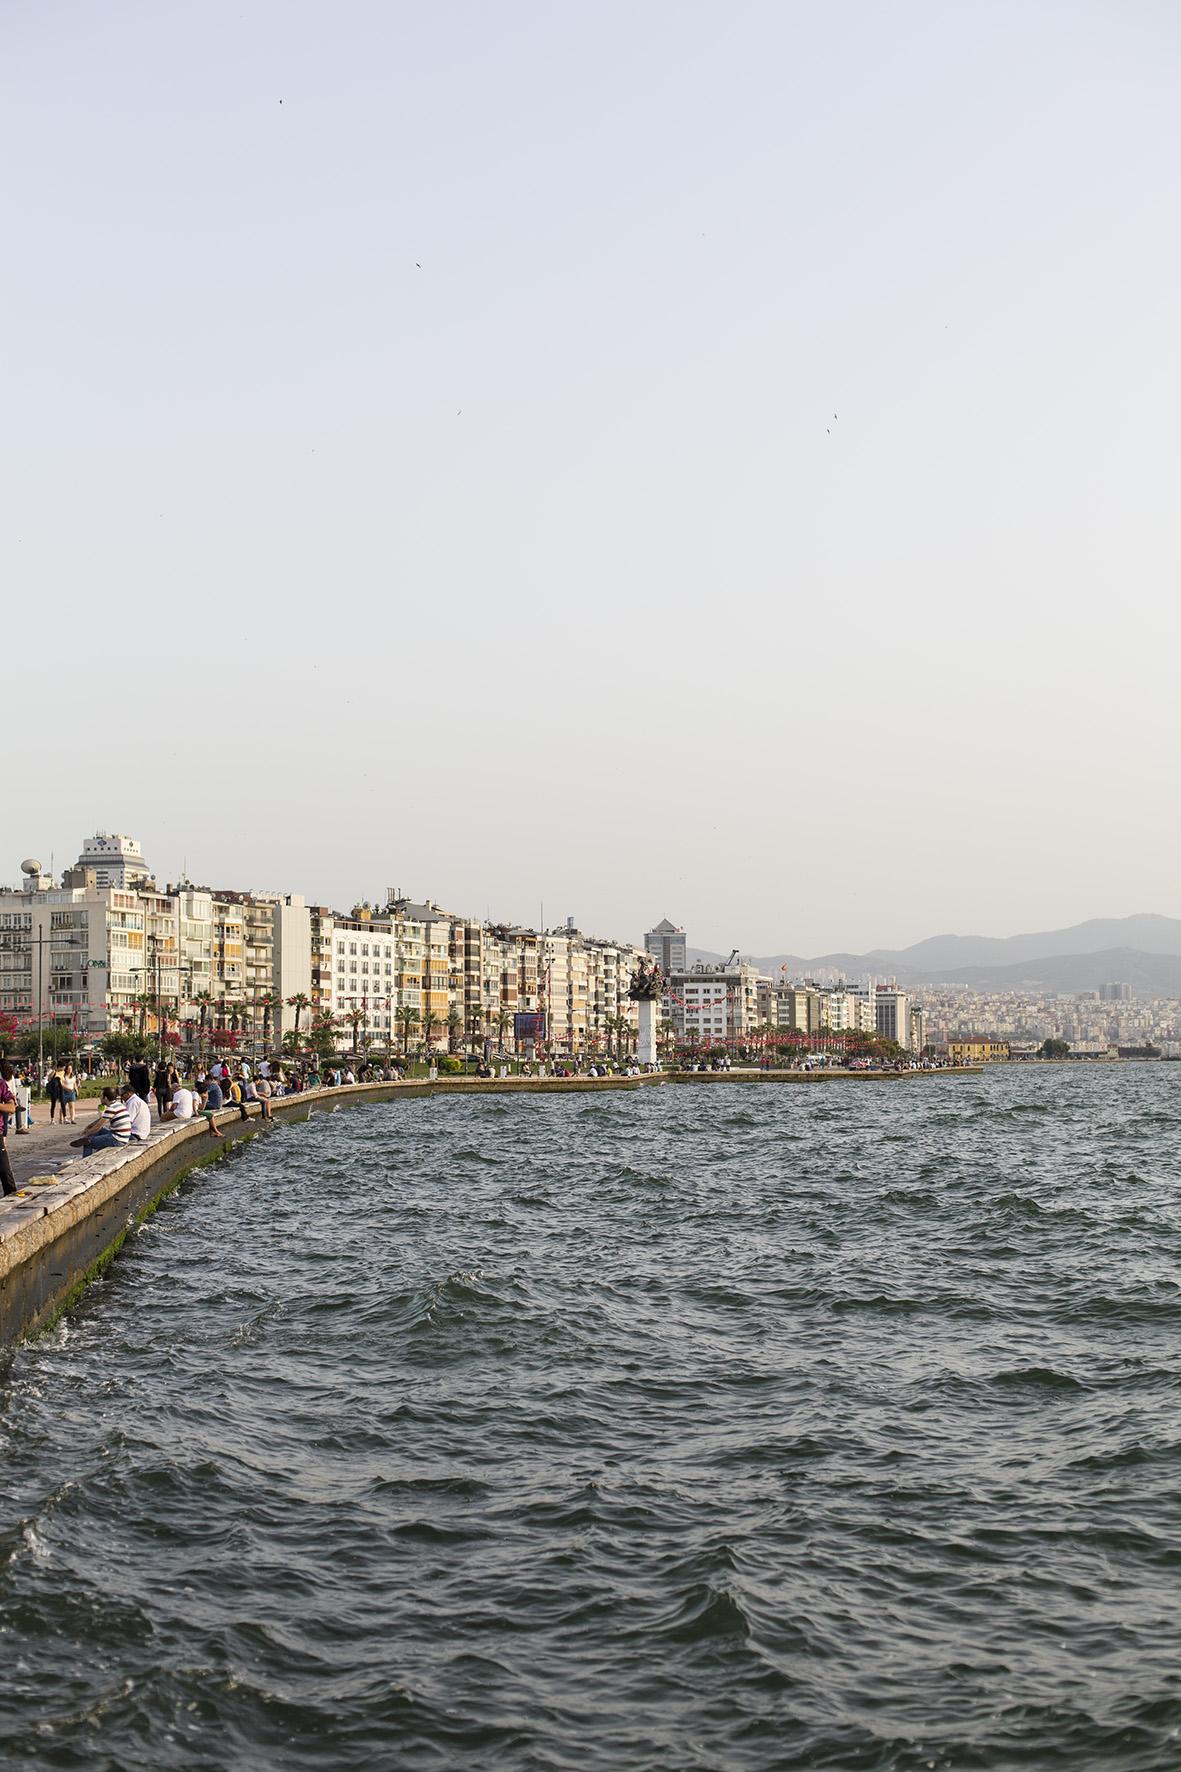 Izmir - Turkey